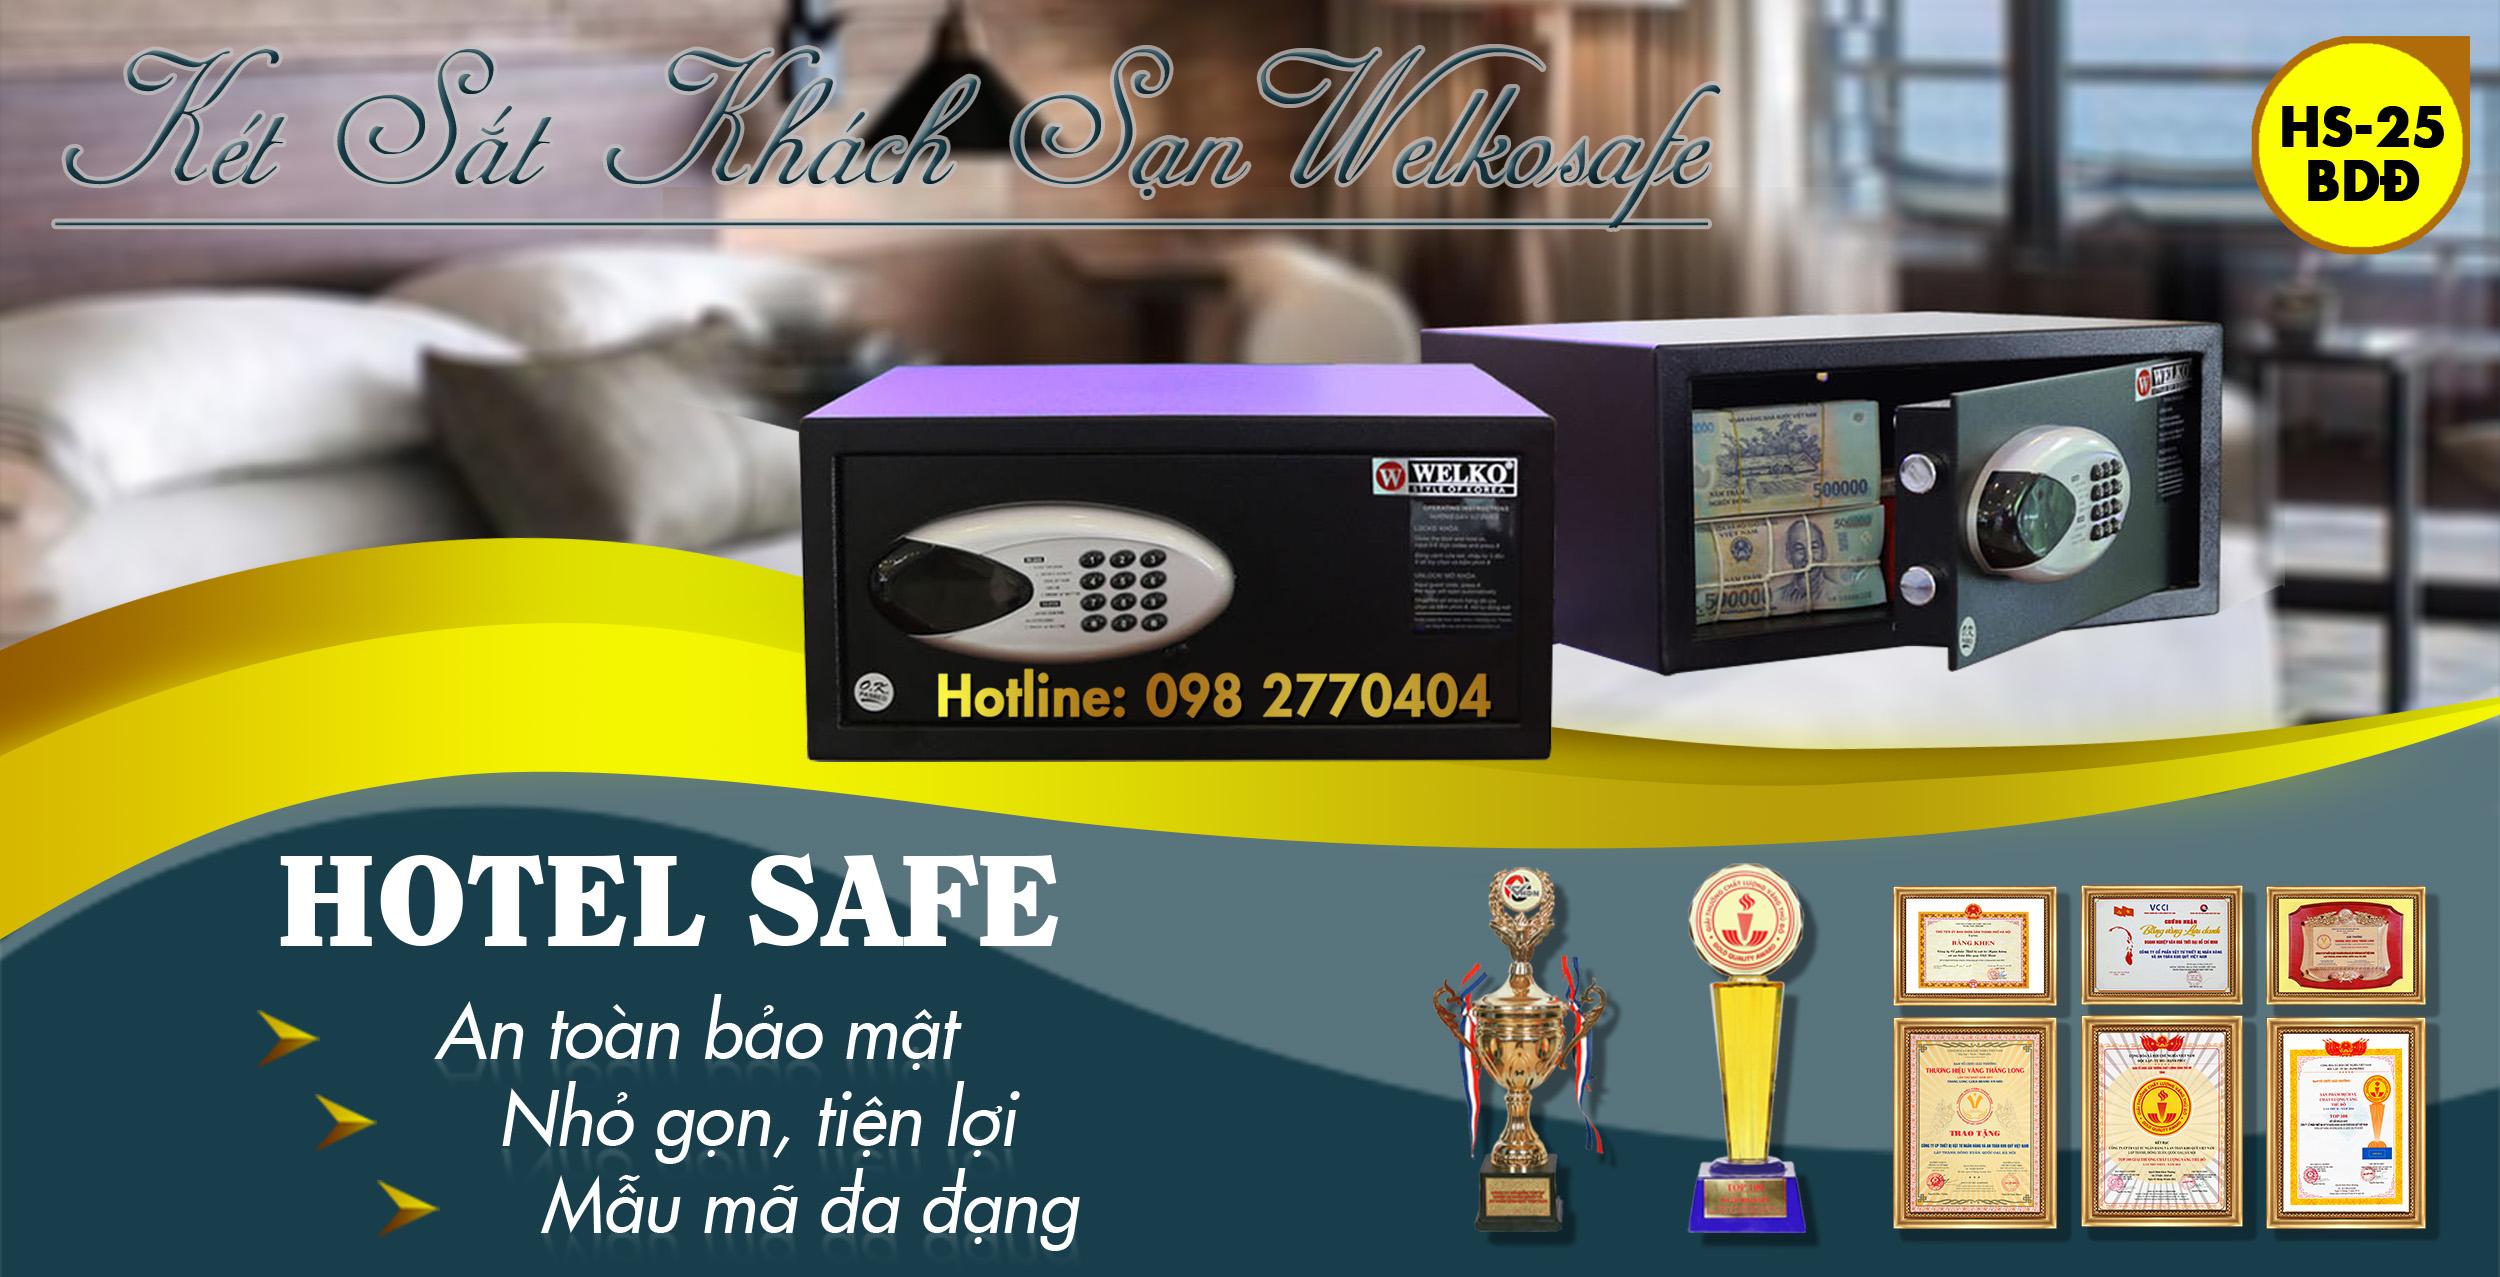 hình ảnh sản phẩm thanh lý két sắt khách sạn mini giá rẻ tại hà nội